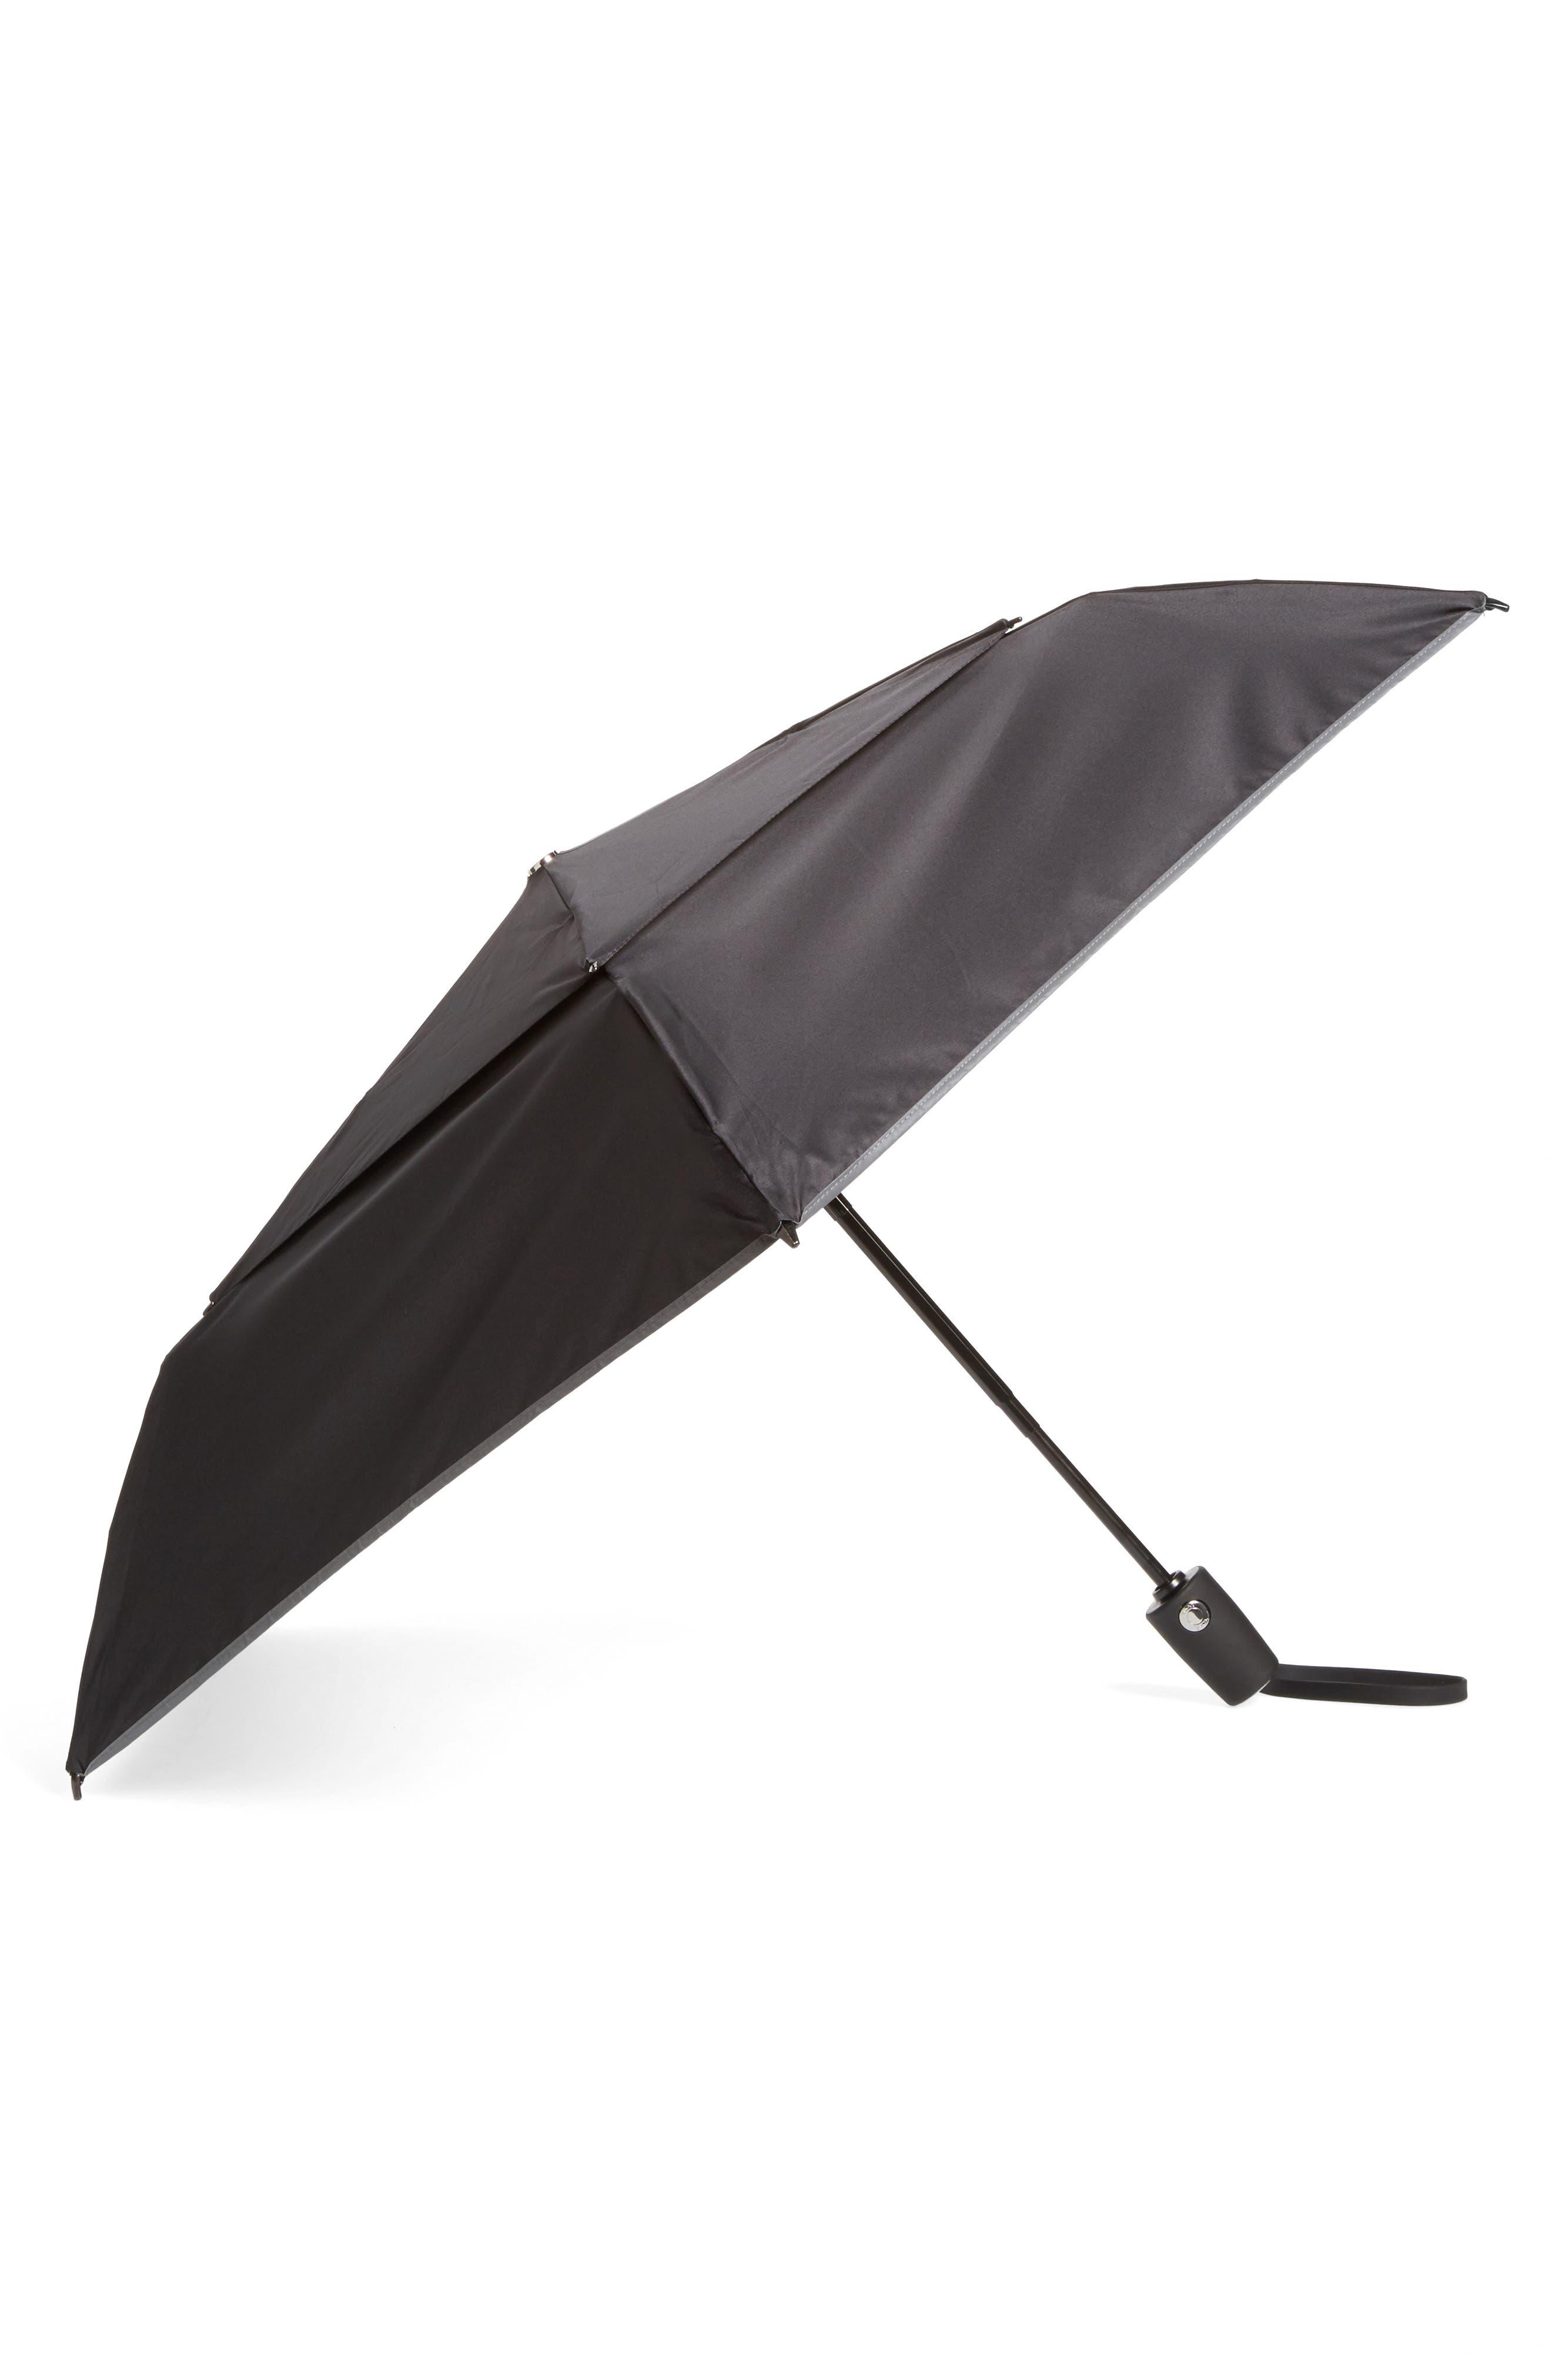 Medium Auto Close Umbrella,                             Main thumbnail 1, color,                             BLACK